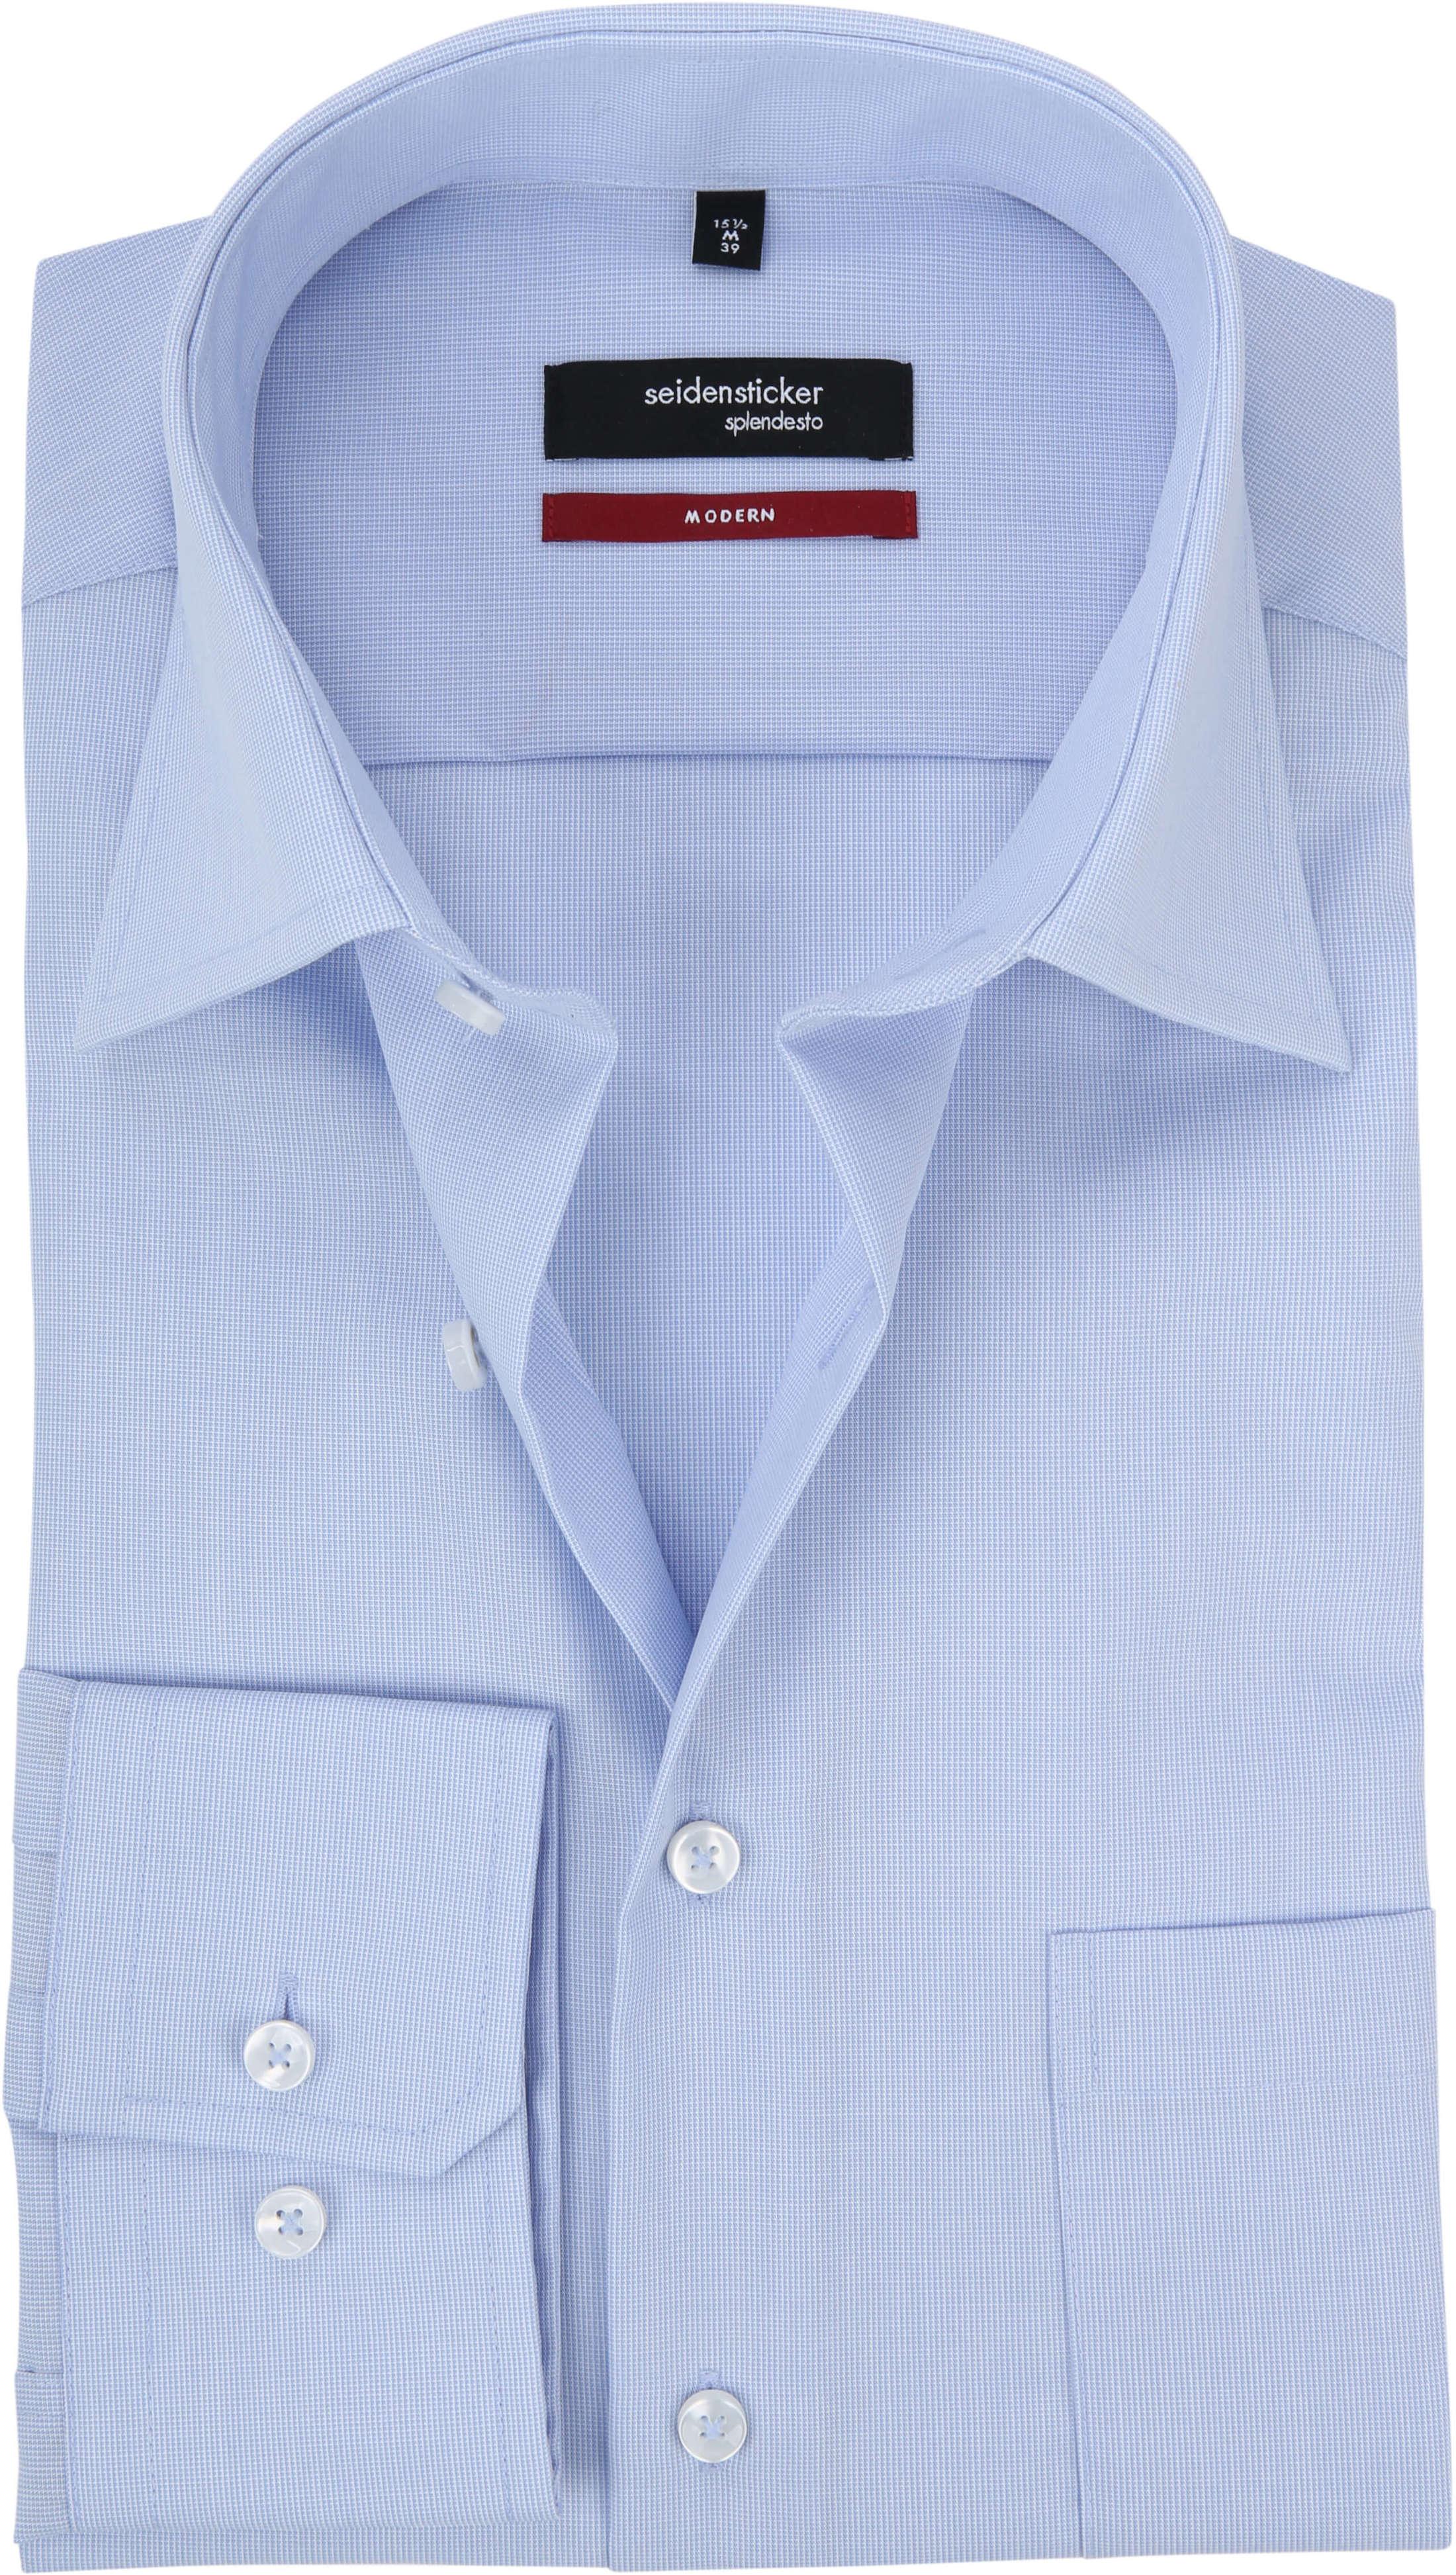 Seidensticker Splendesto Overhemd Lichtblauw foto 0